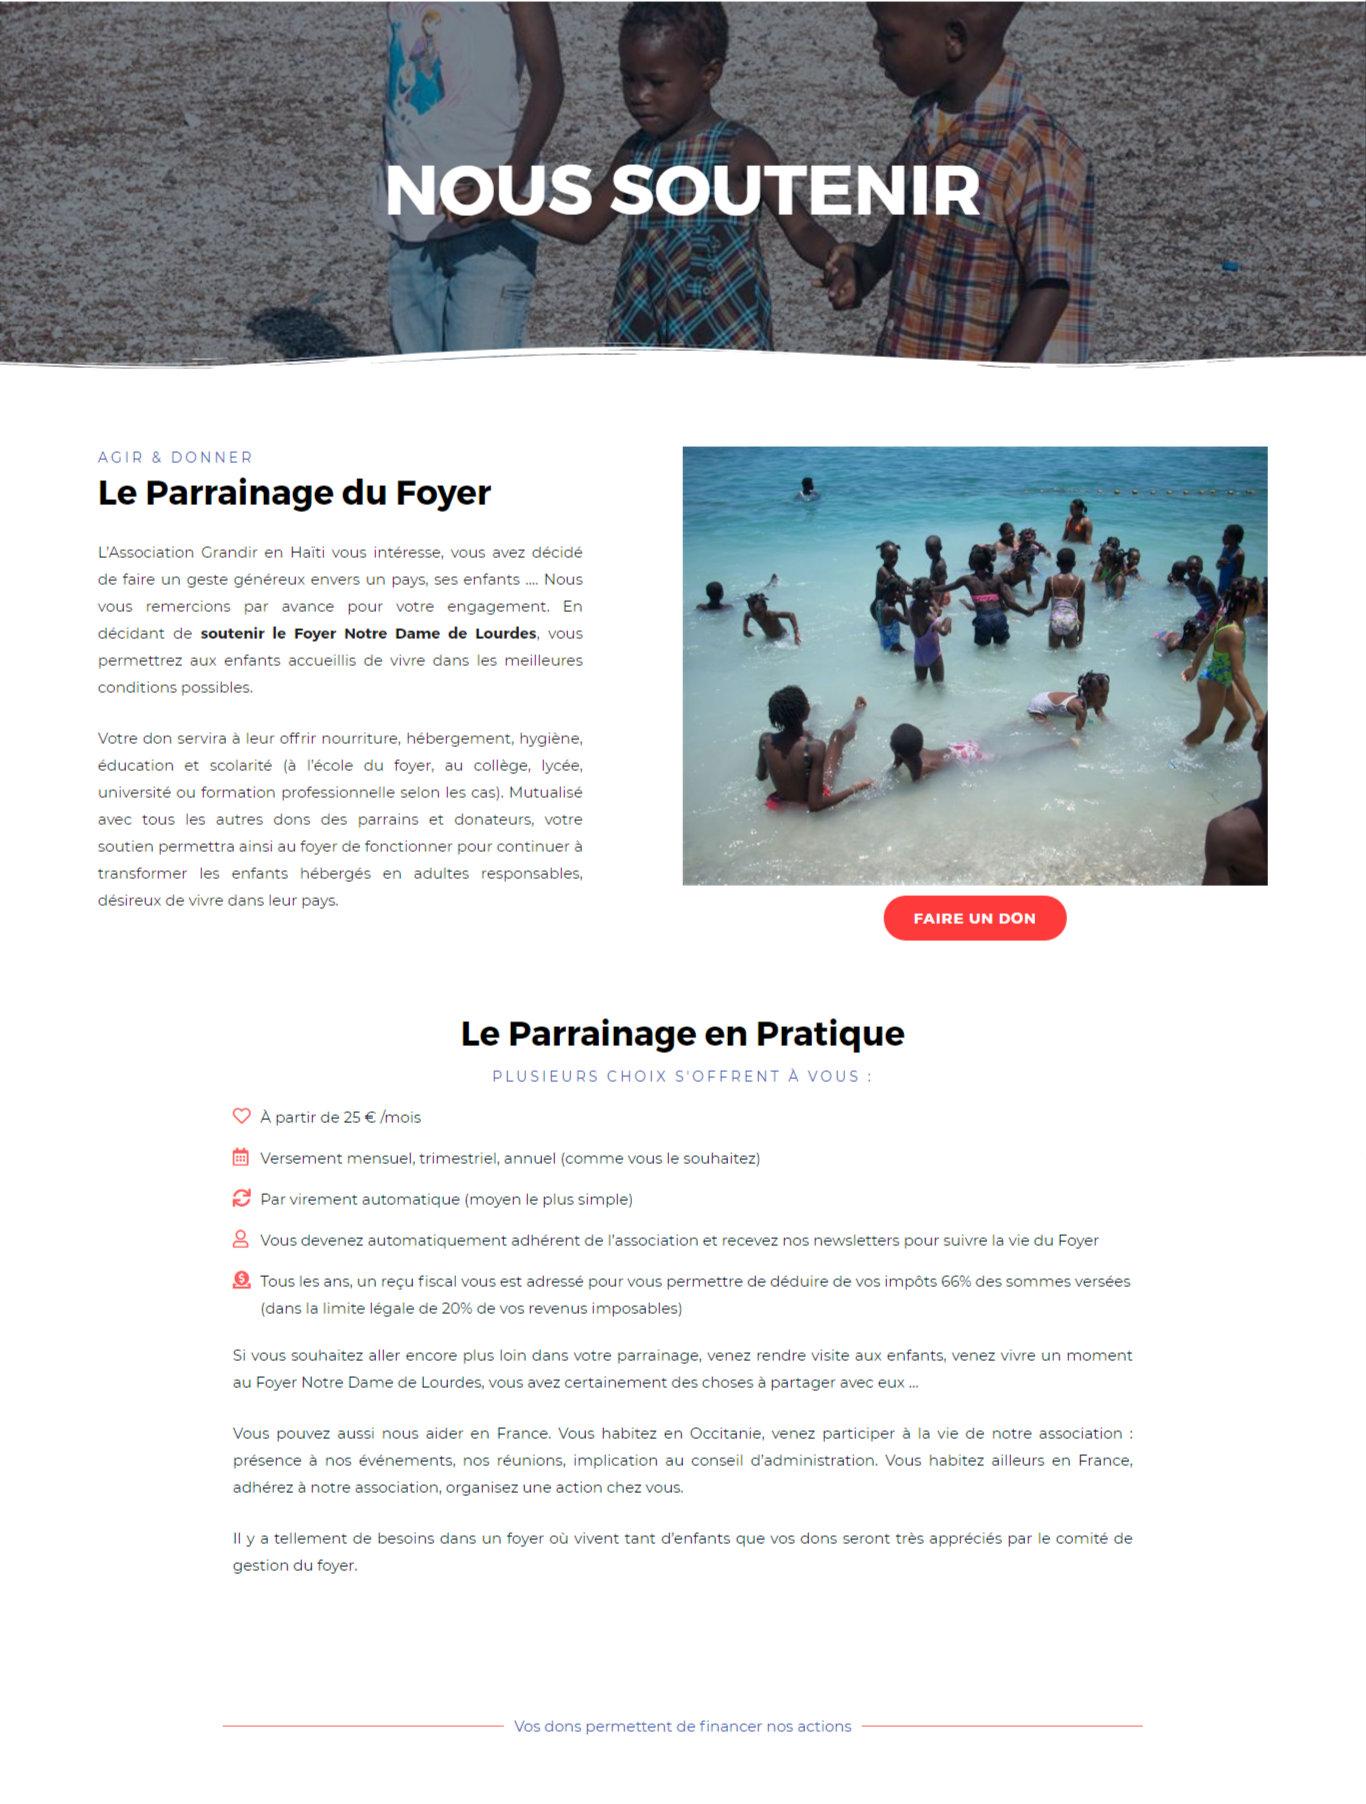 nous_soutenir_présentation_page_site_internet